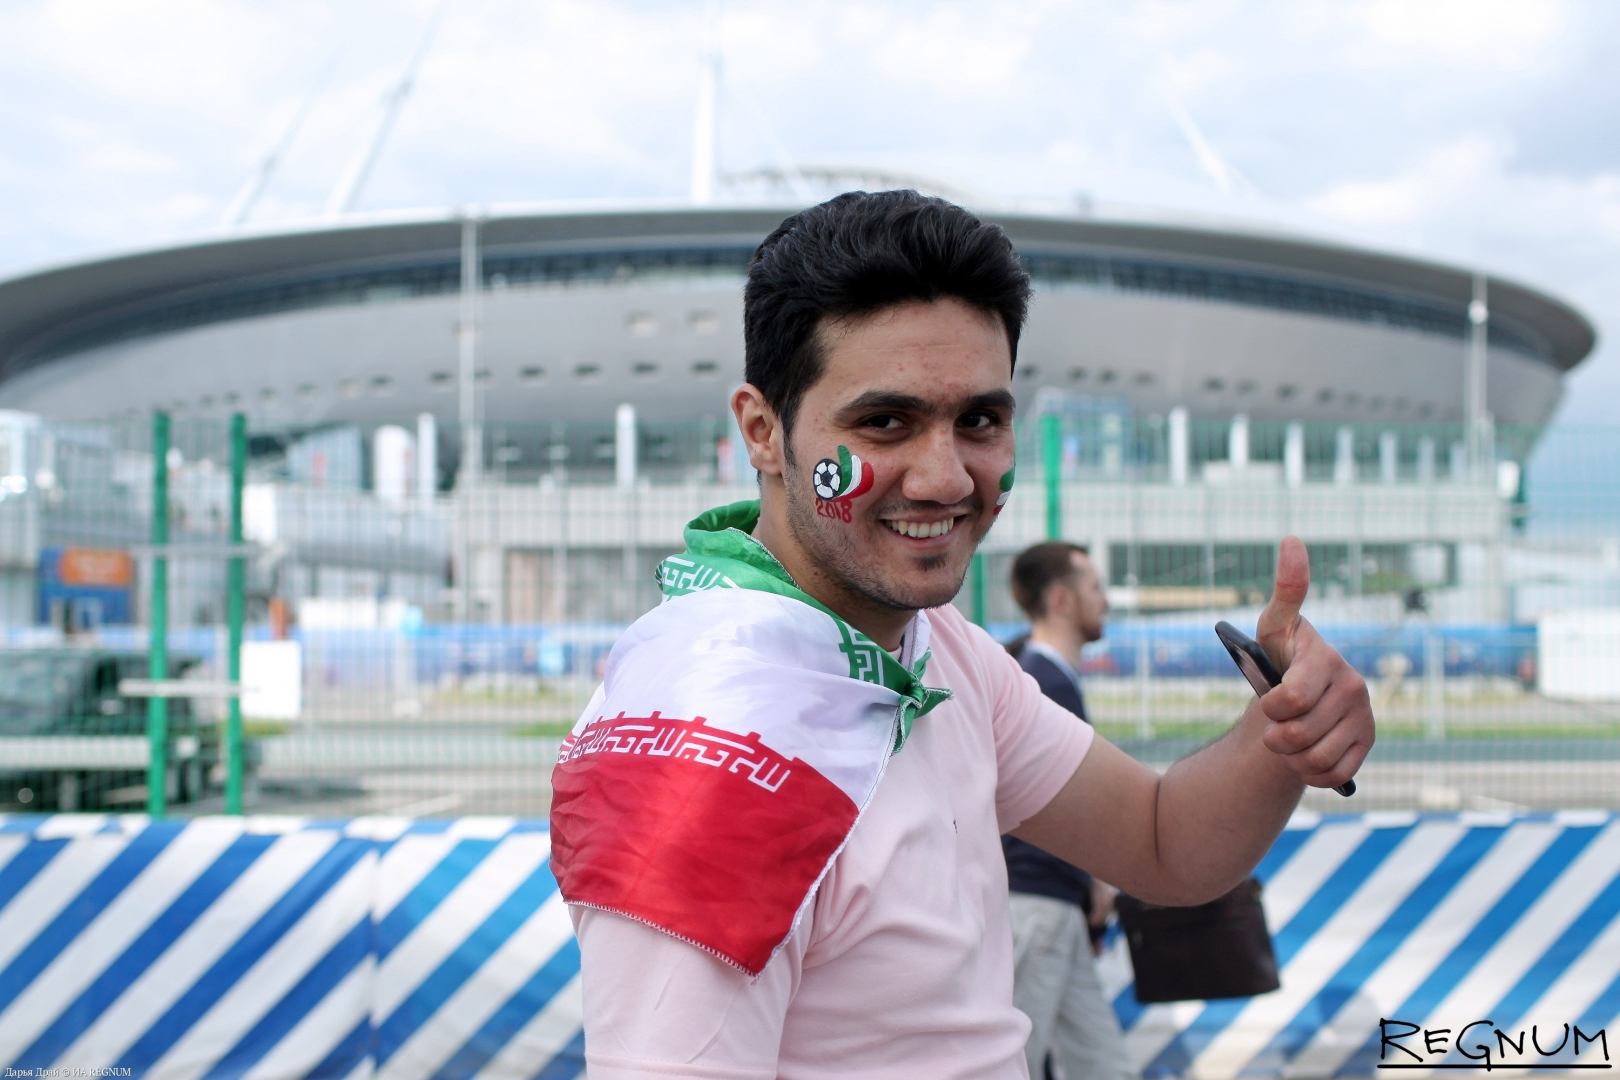 Болельщик сборной Ирана перед матчем в Петербурге